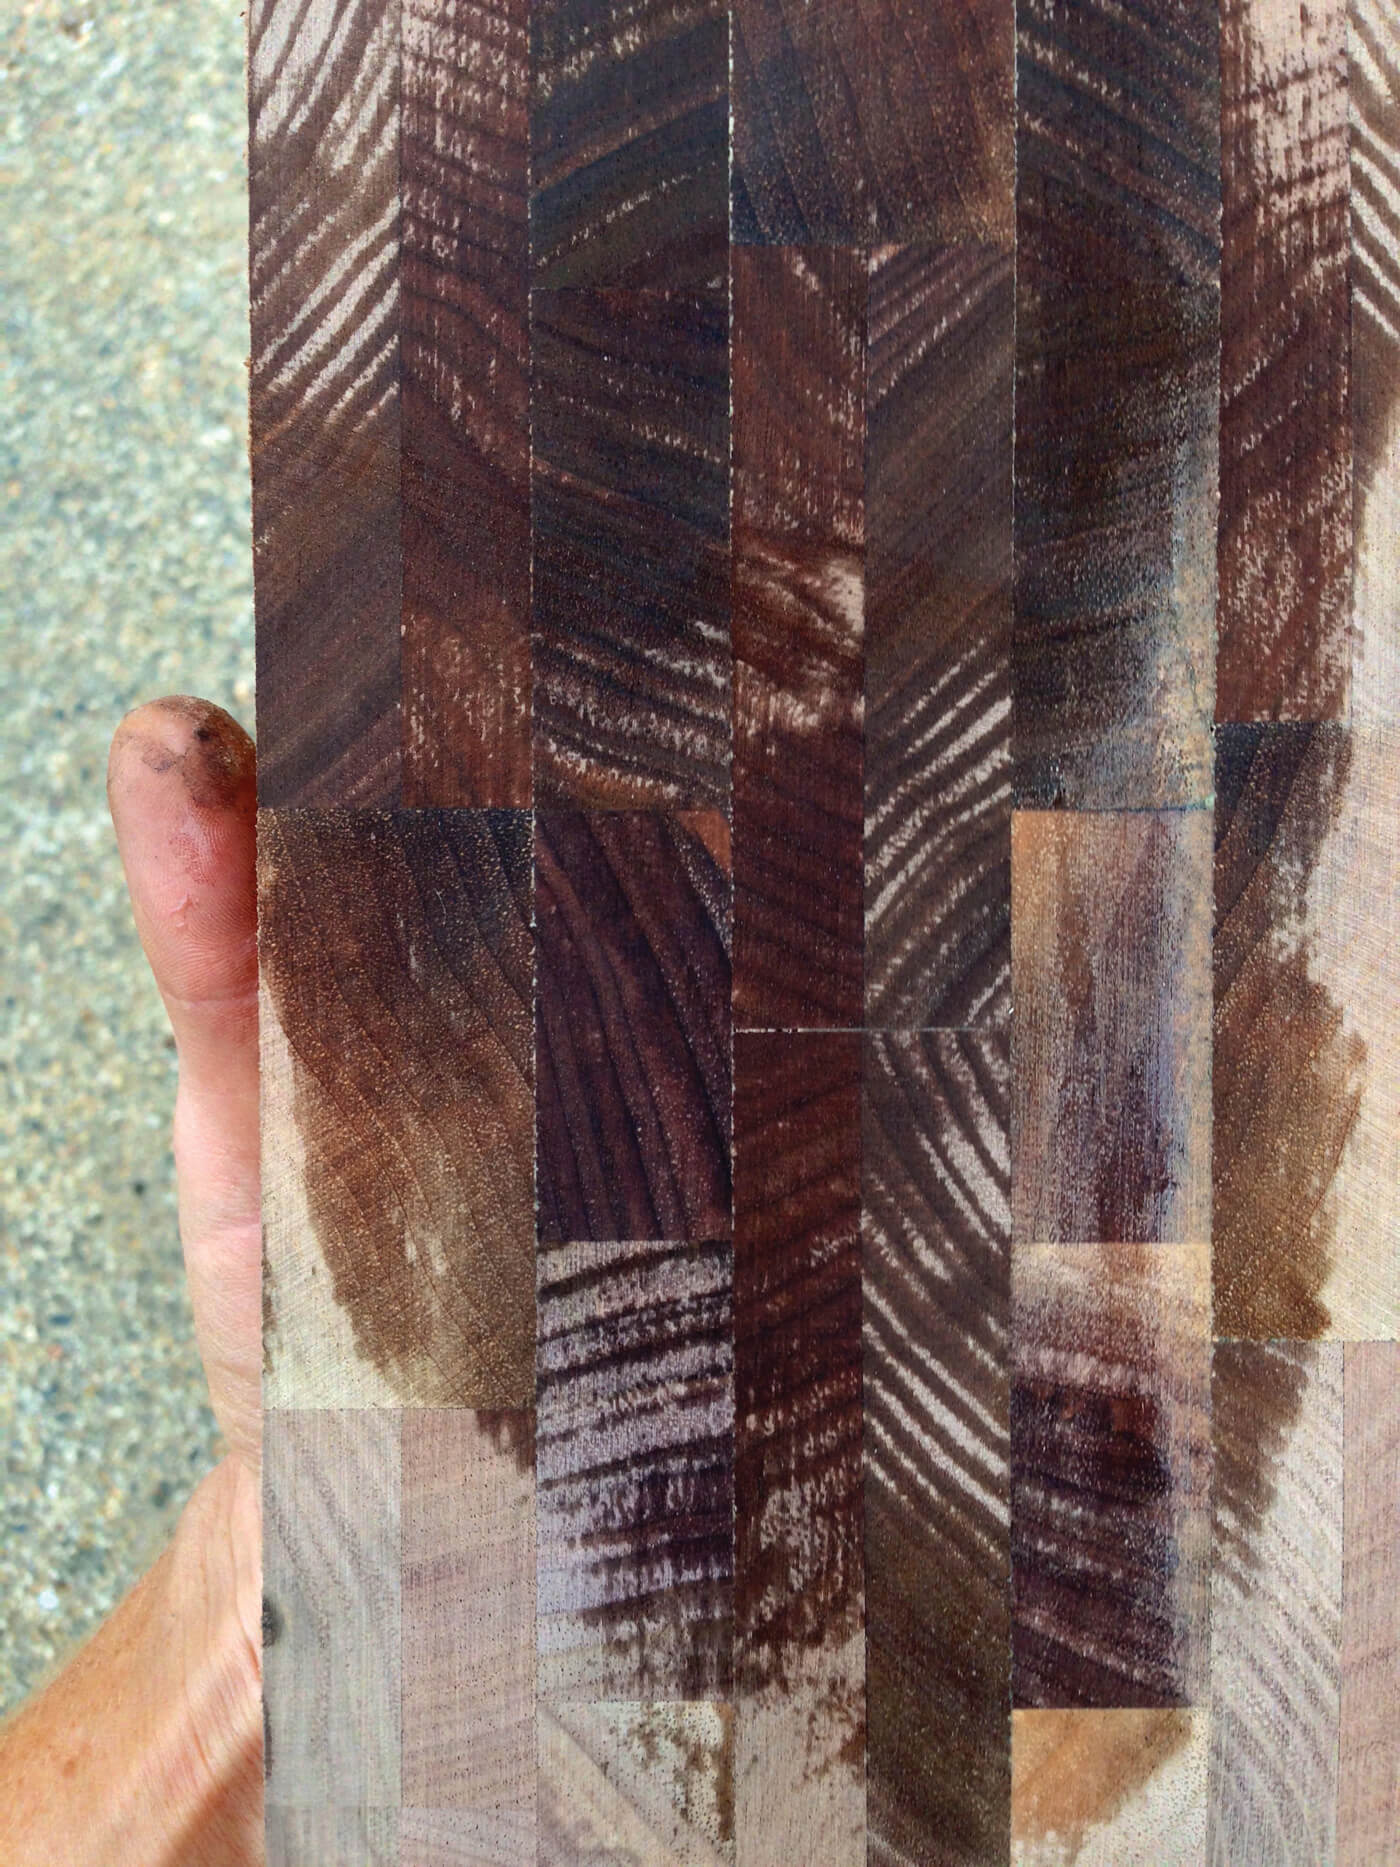 CQ-Cutting-Board-Grain-Detail (1).jpg